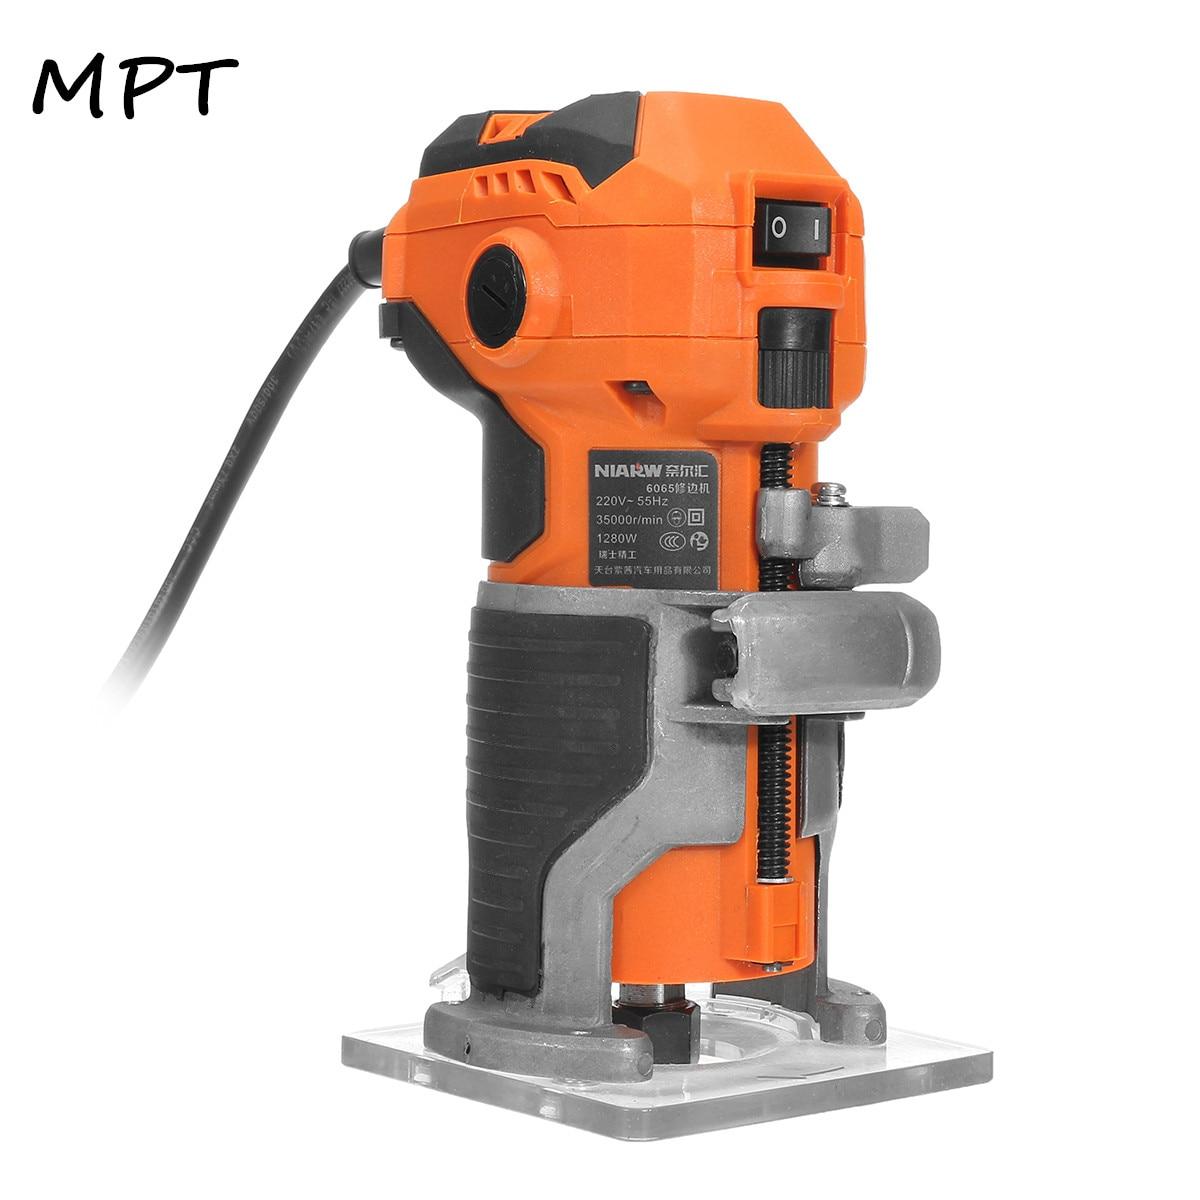 MPT bois tondeuse électrique bois fraisage 1280W 35000r/min électrique main tondeuse bois plastifieuse routeur bord menuisiers ensemble